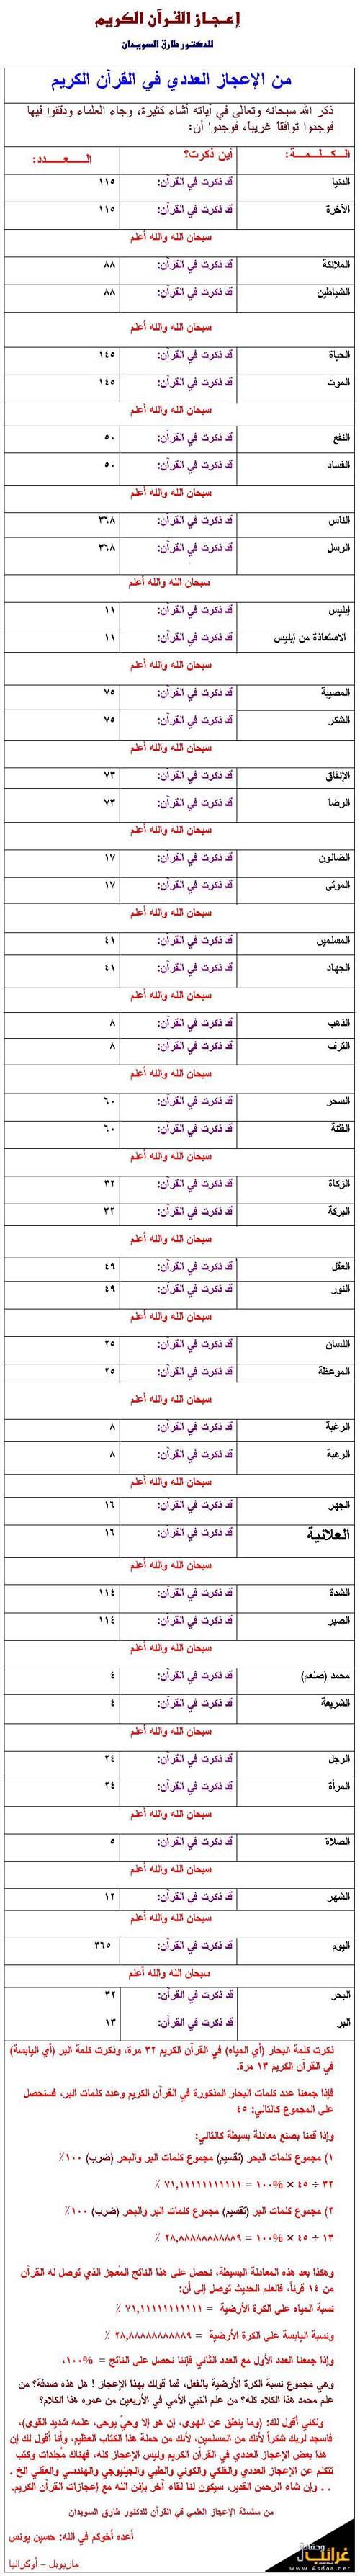 ذكر الله سبحانه وتعالى في آياته A3jaz-1